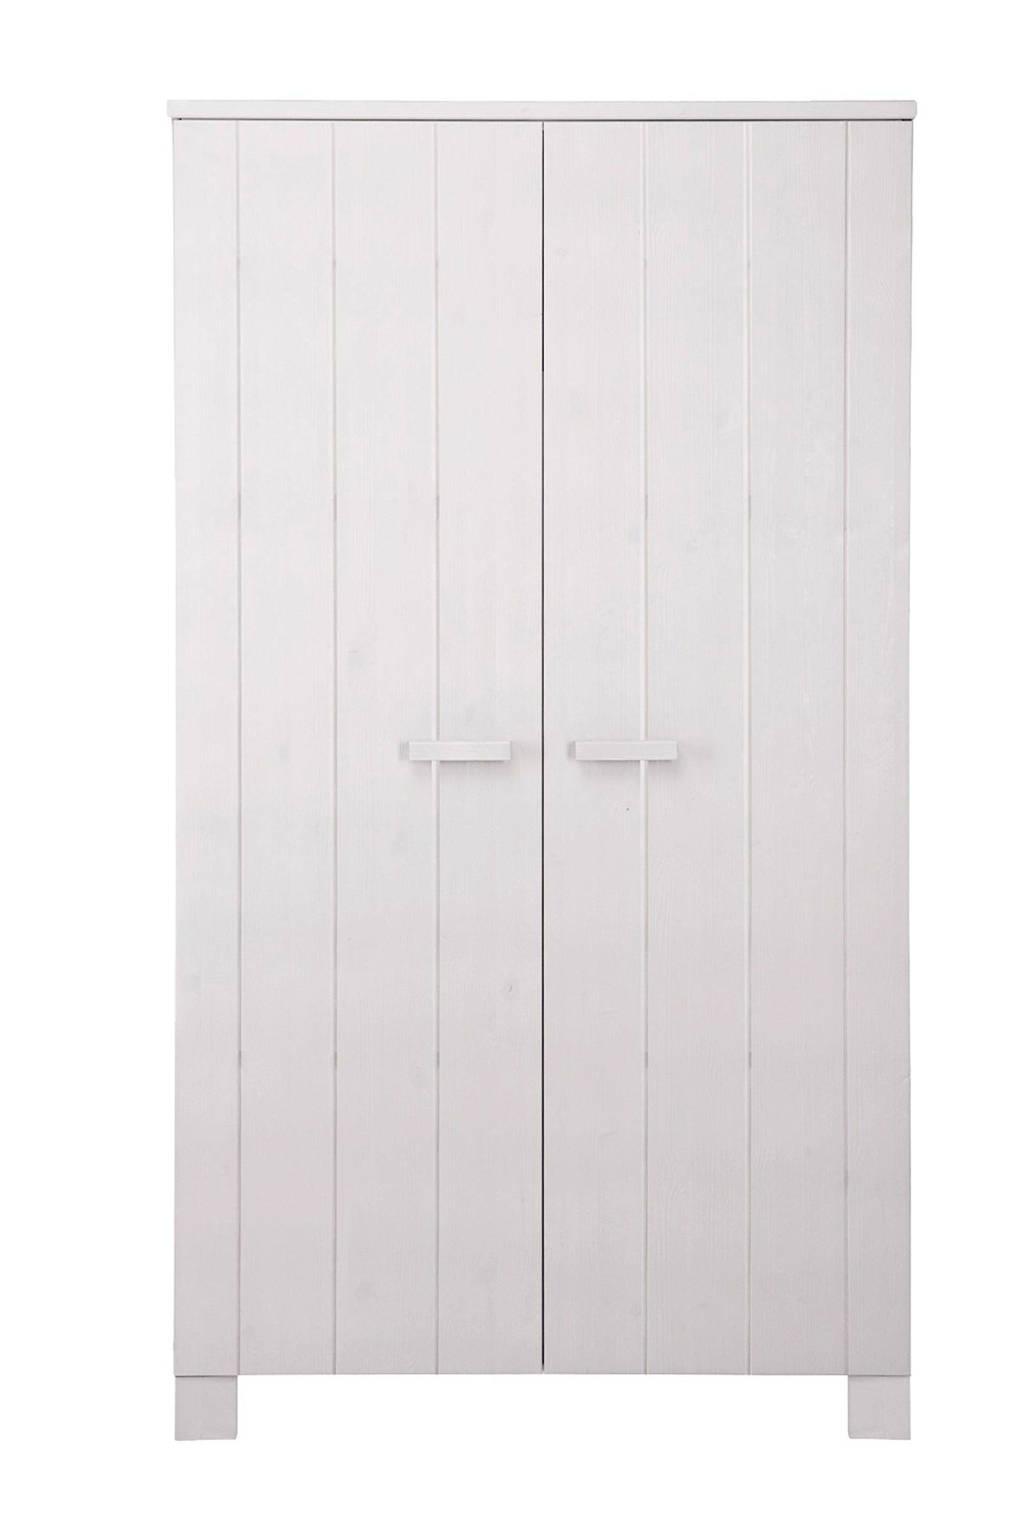 Woood 2-deurs kledingkast wit Robin, Wit